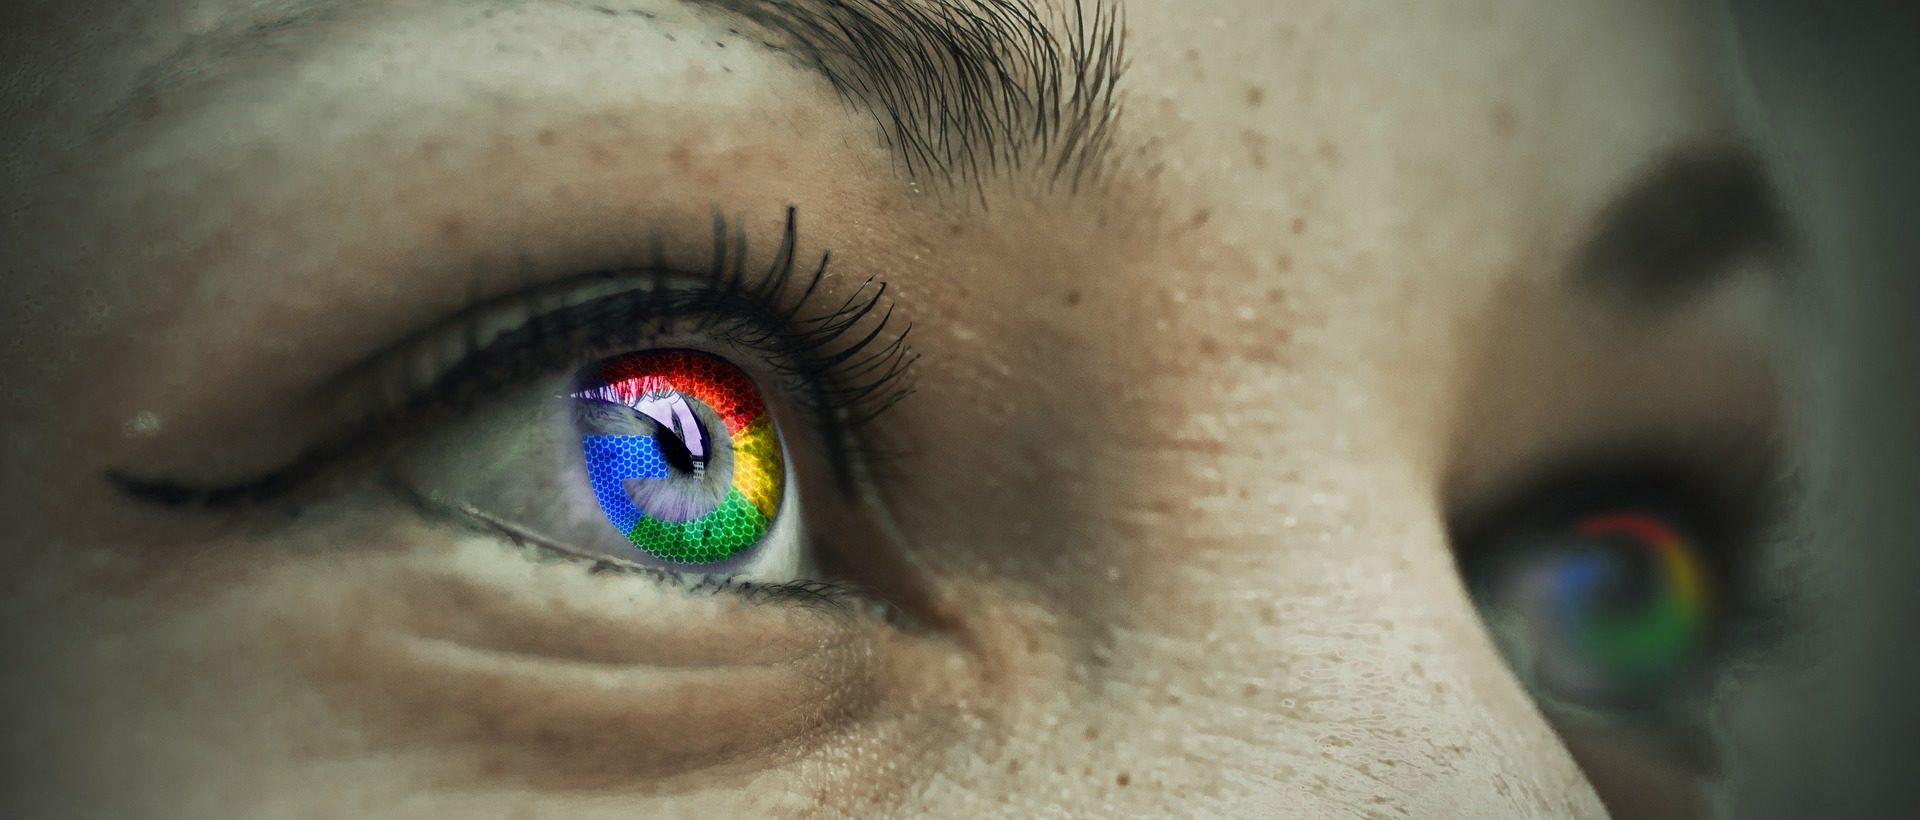 eye-1686932_1920